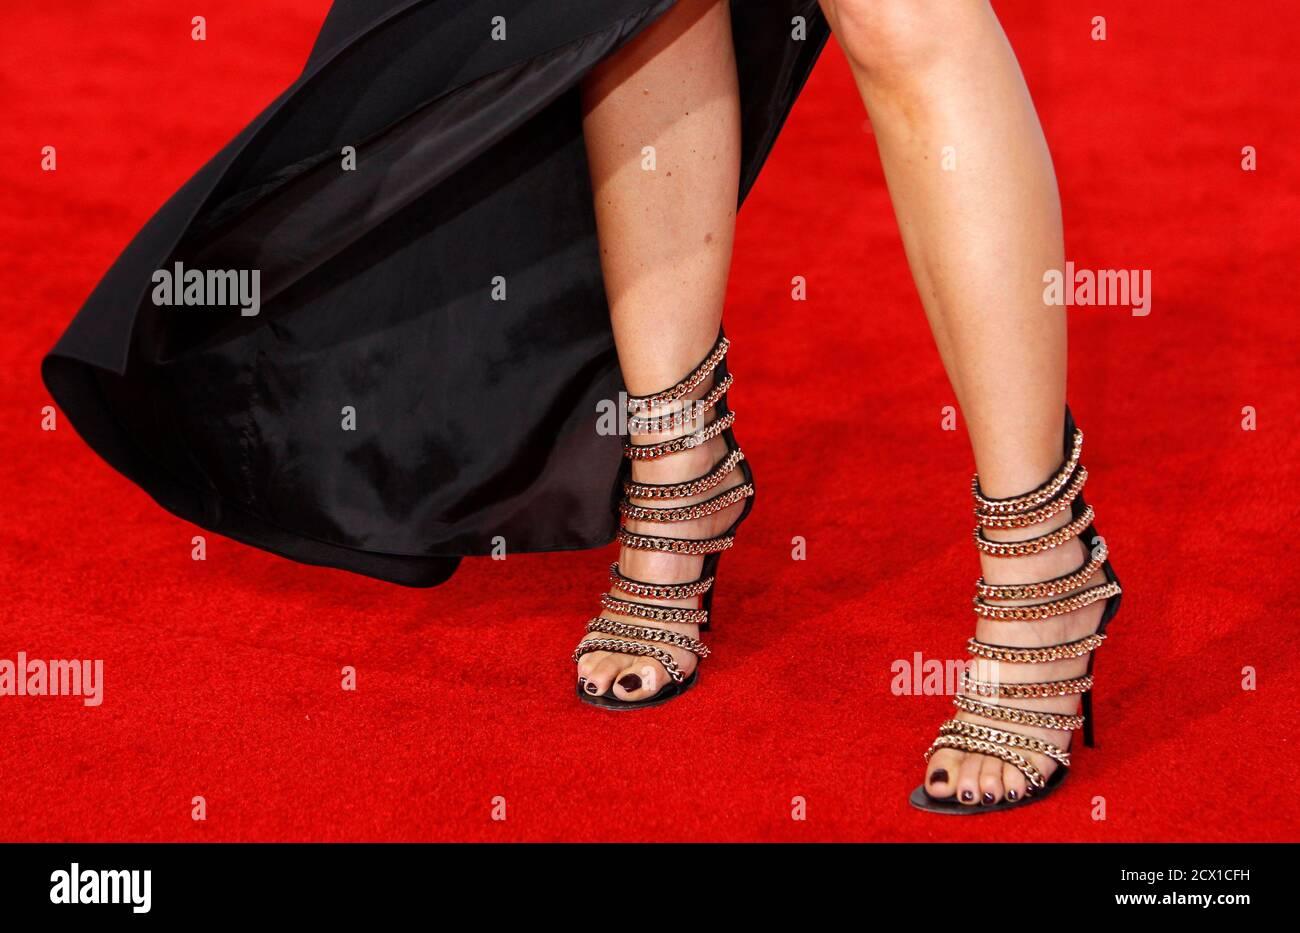 Benz feet julie Julie Benz